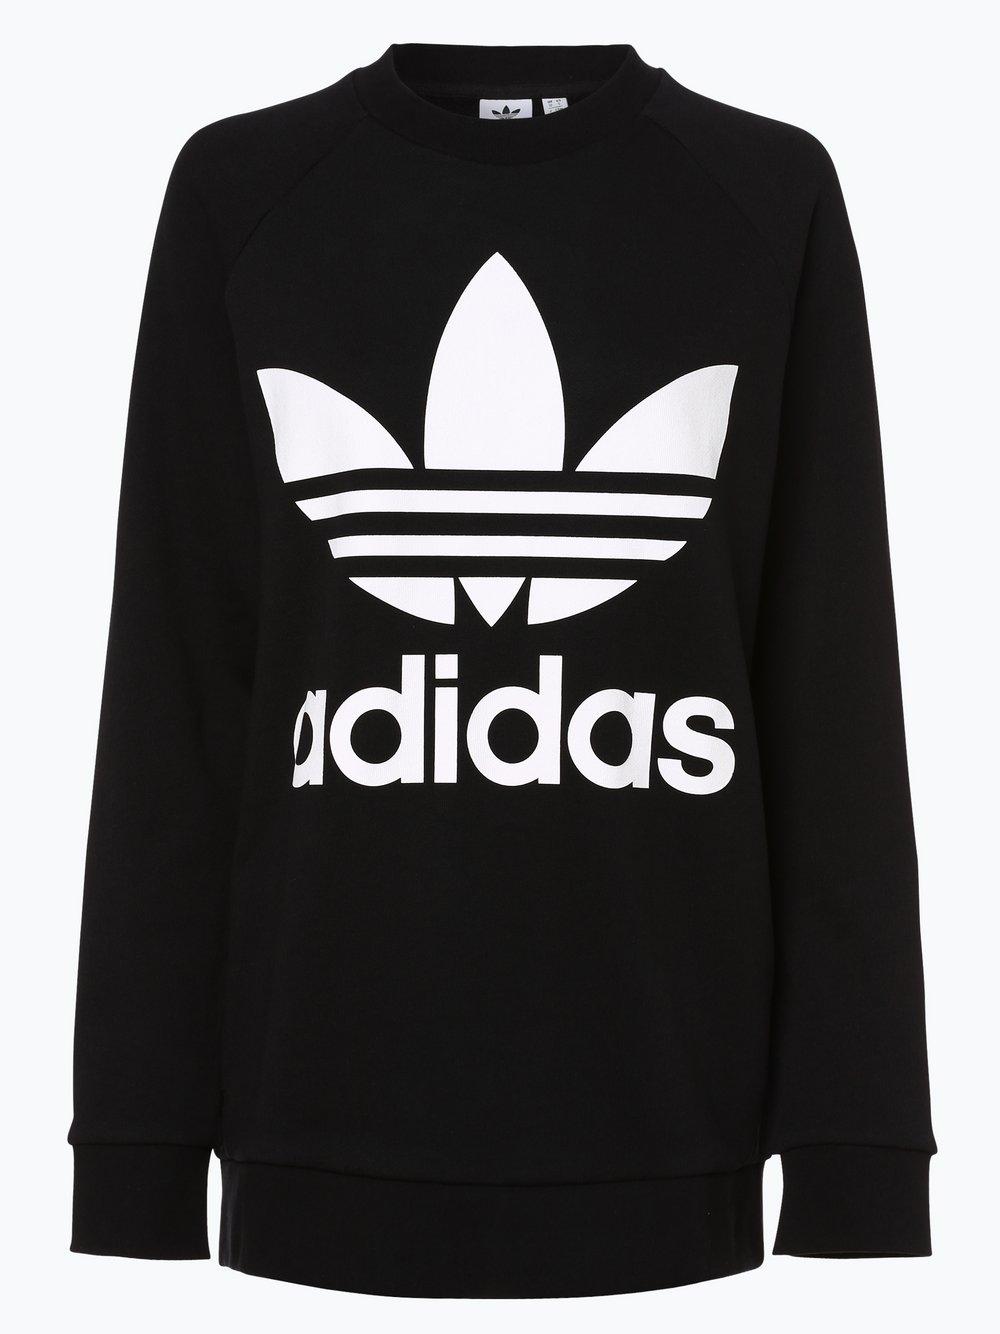 d3d6240c adidas-originals-damen-sweatshirt_pdmain_412987-0001_bustfront_1.jpg